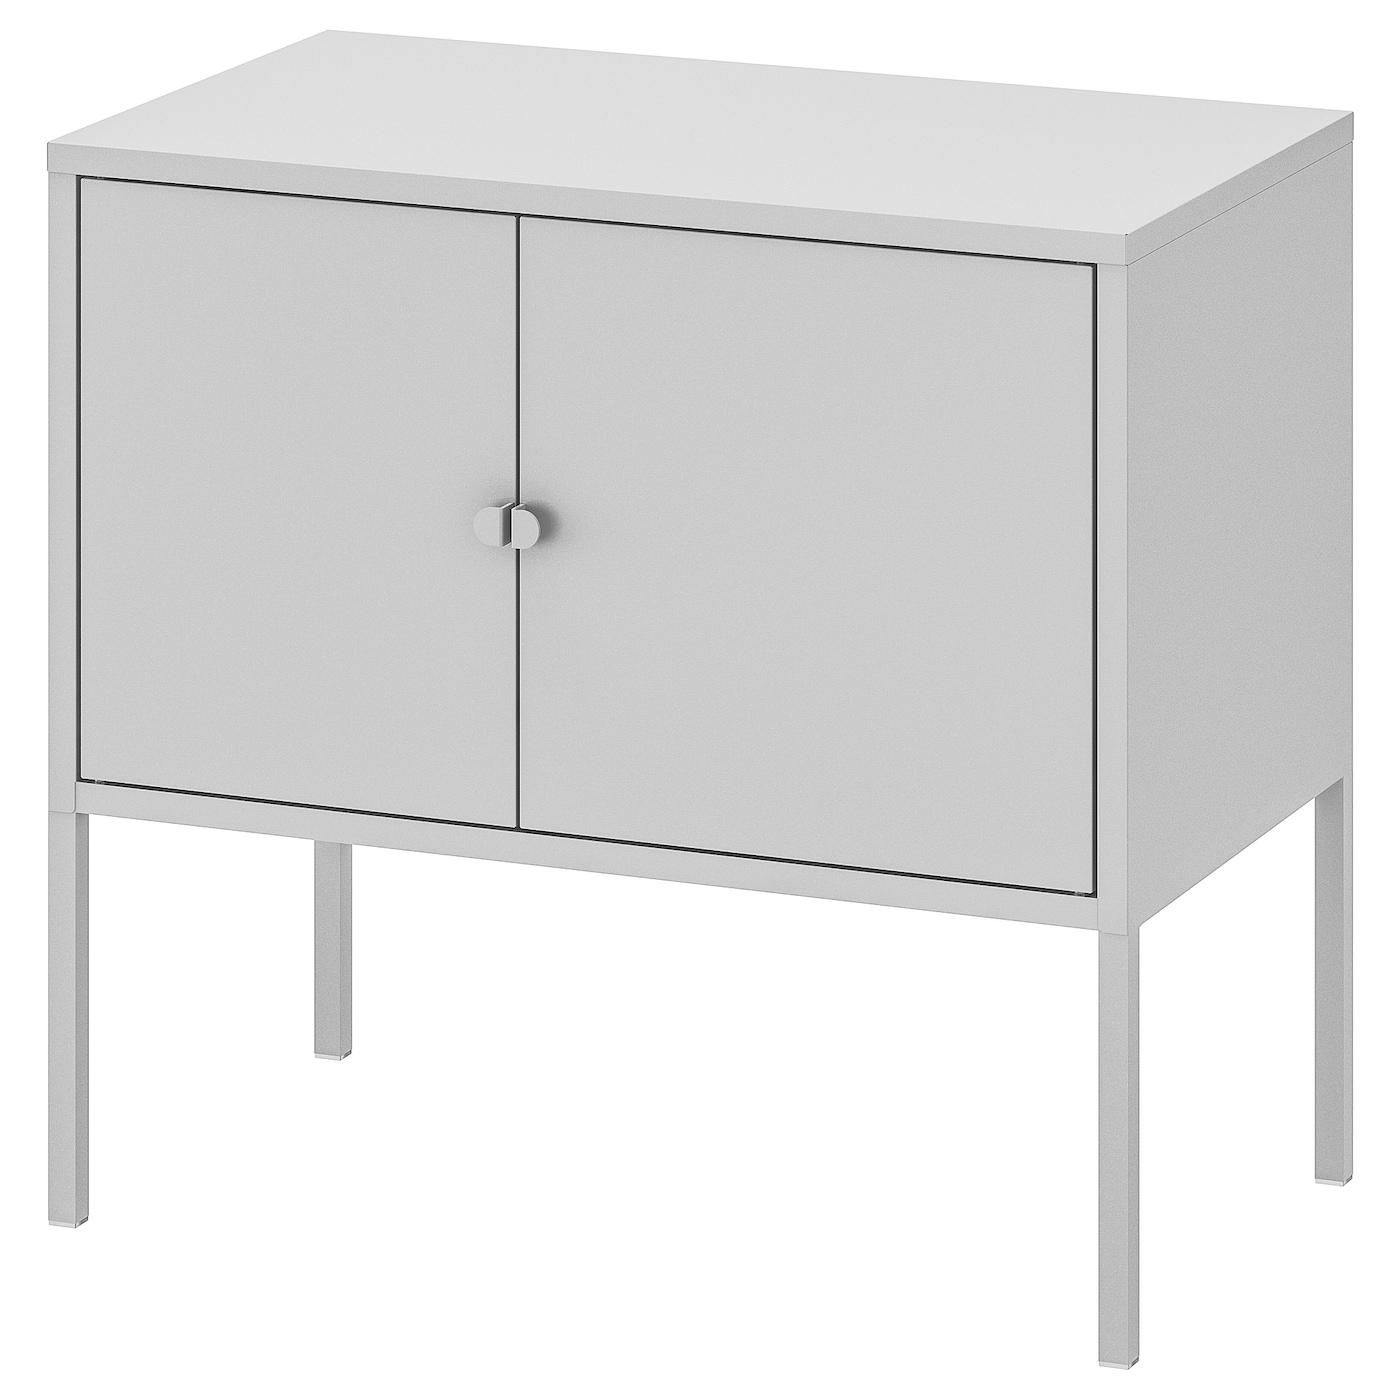 Smalle Lage Kast.Opbergkasten Ikea